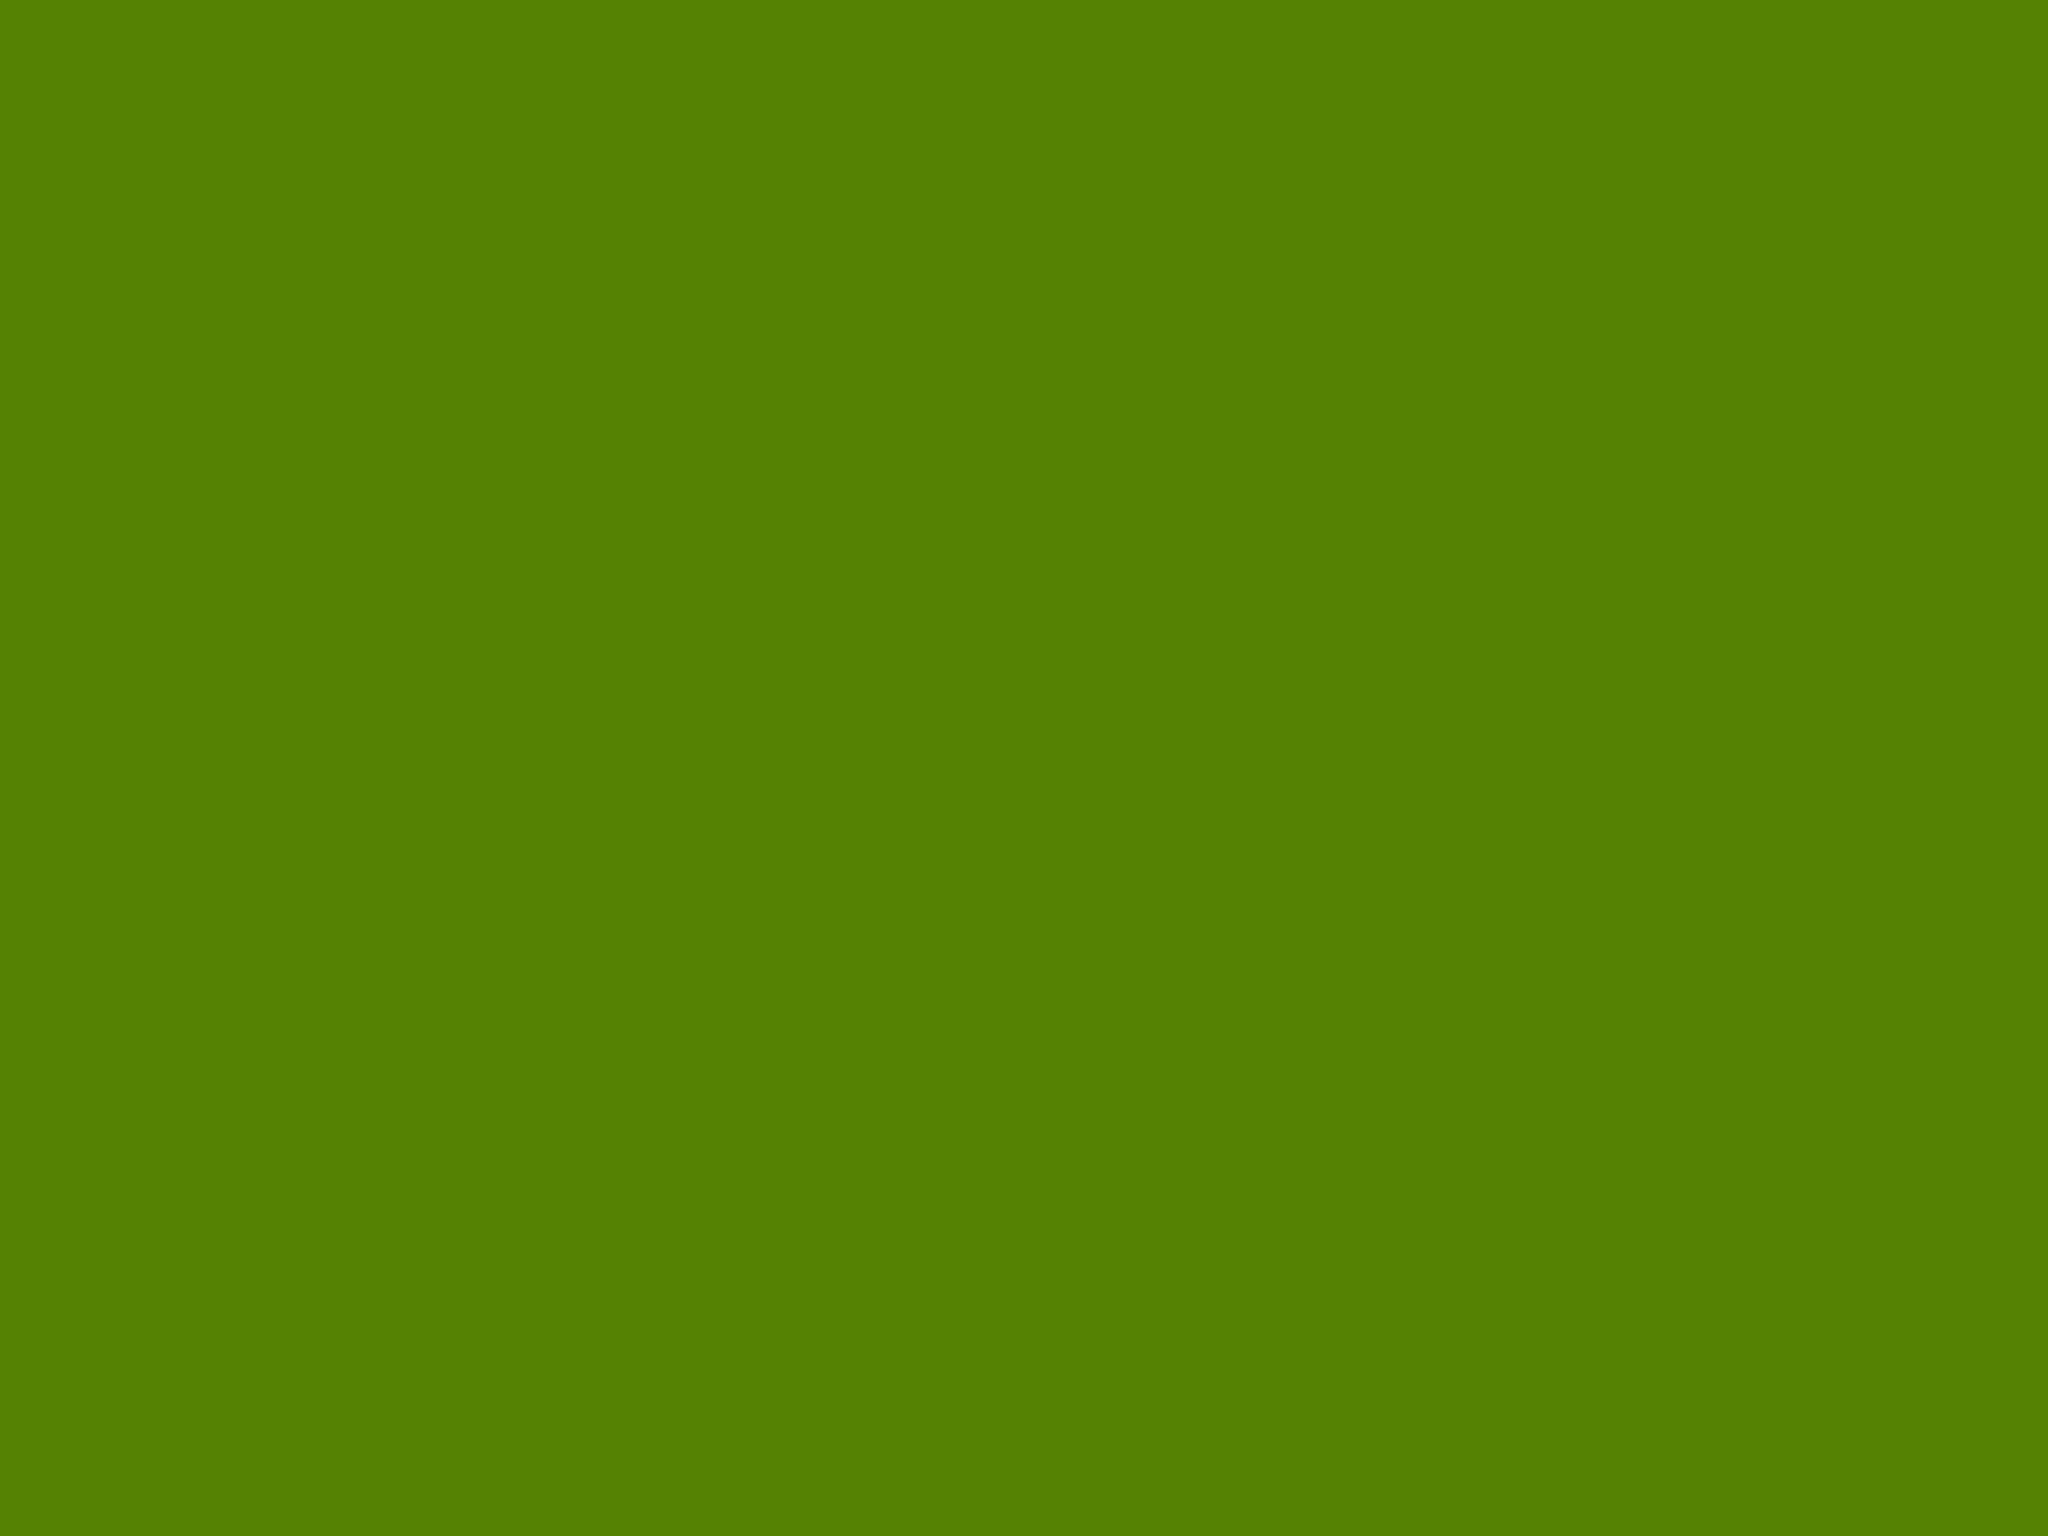 2048x1536 Avocado Solid Color Background